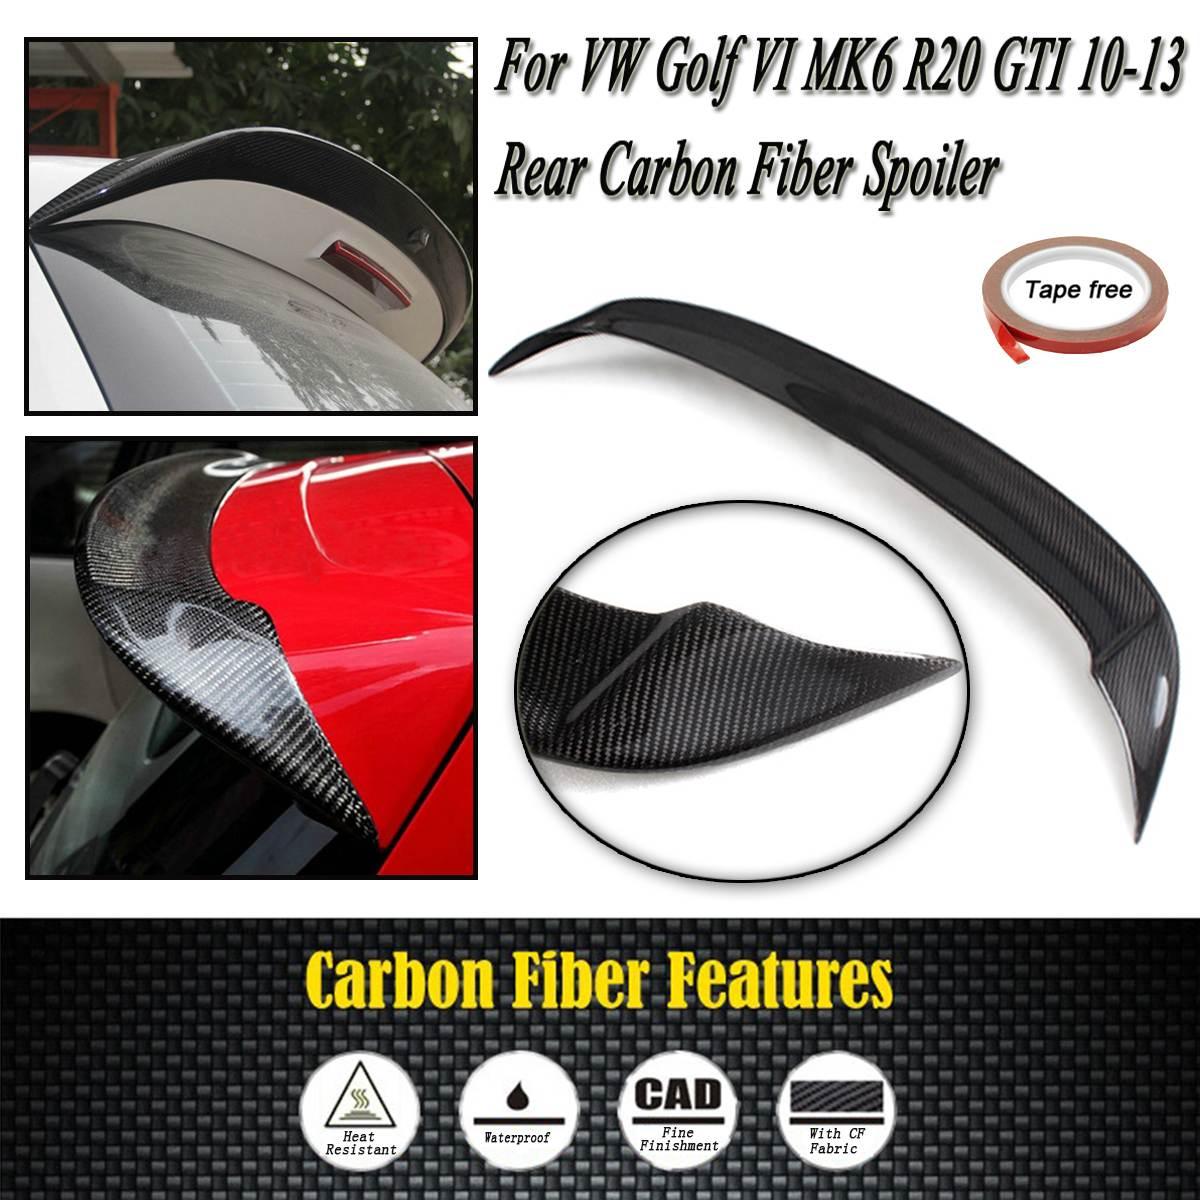 Полный углерода Волокно задний спойлер на крыше крыла лобового стекла загрузки губ Для Volkswagen для VW Гольф VI Mk6 R20 GTI 10 13